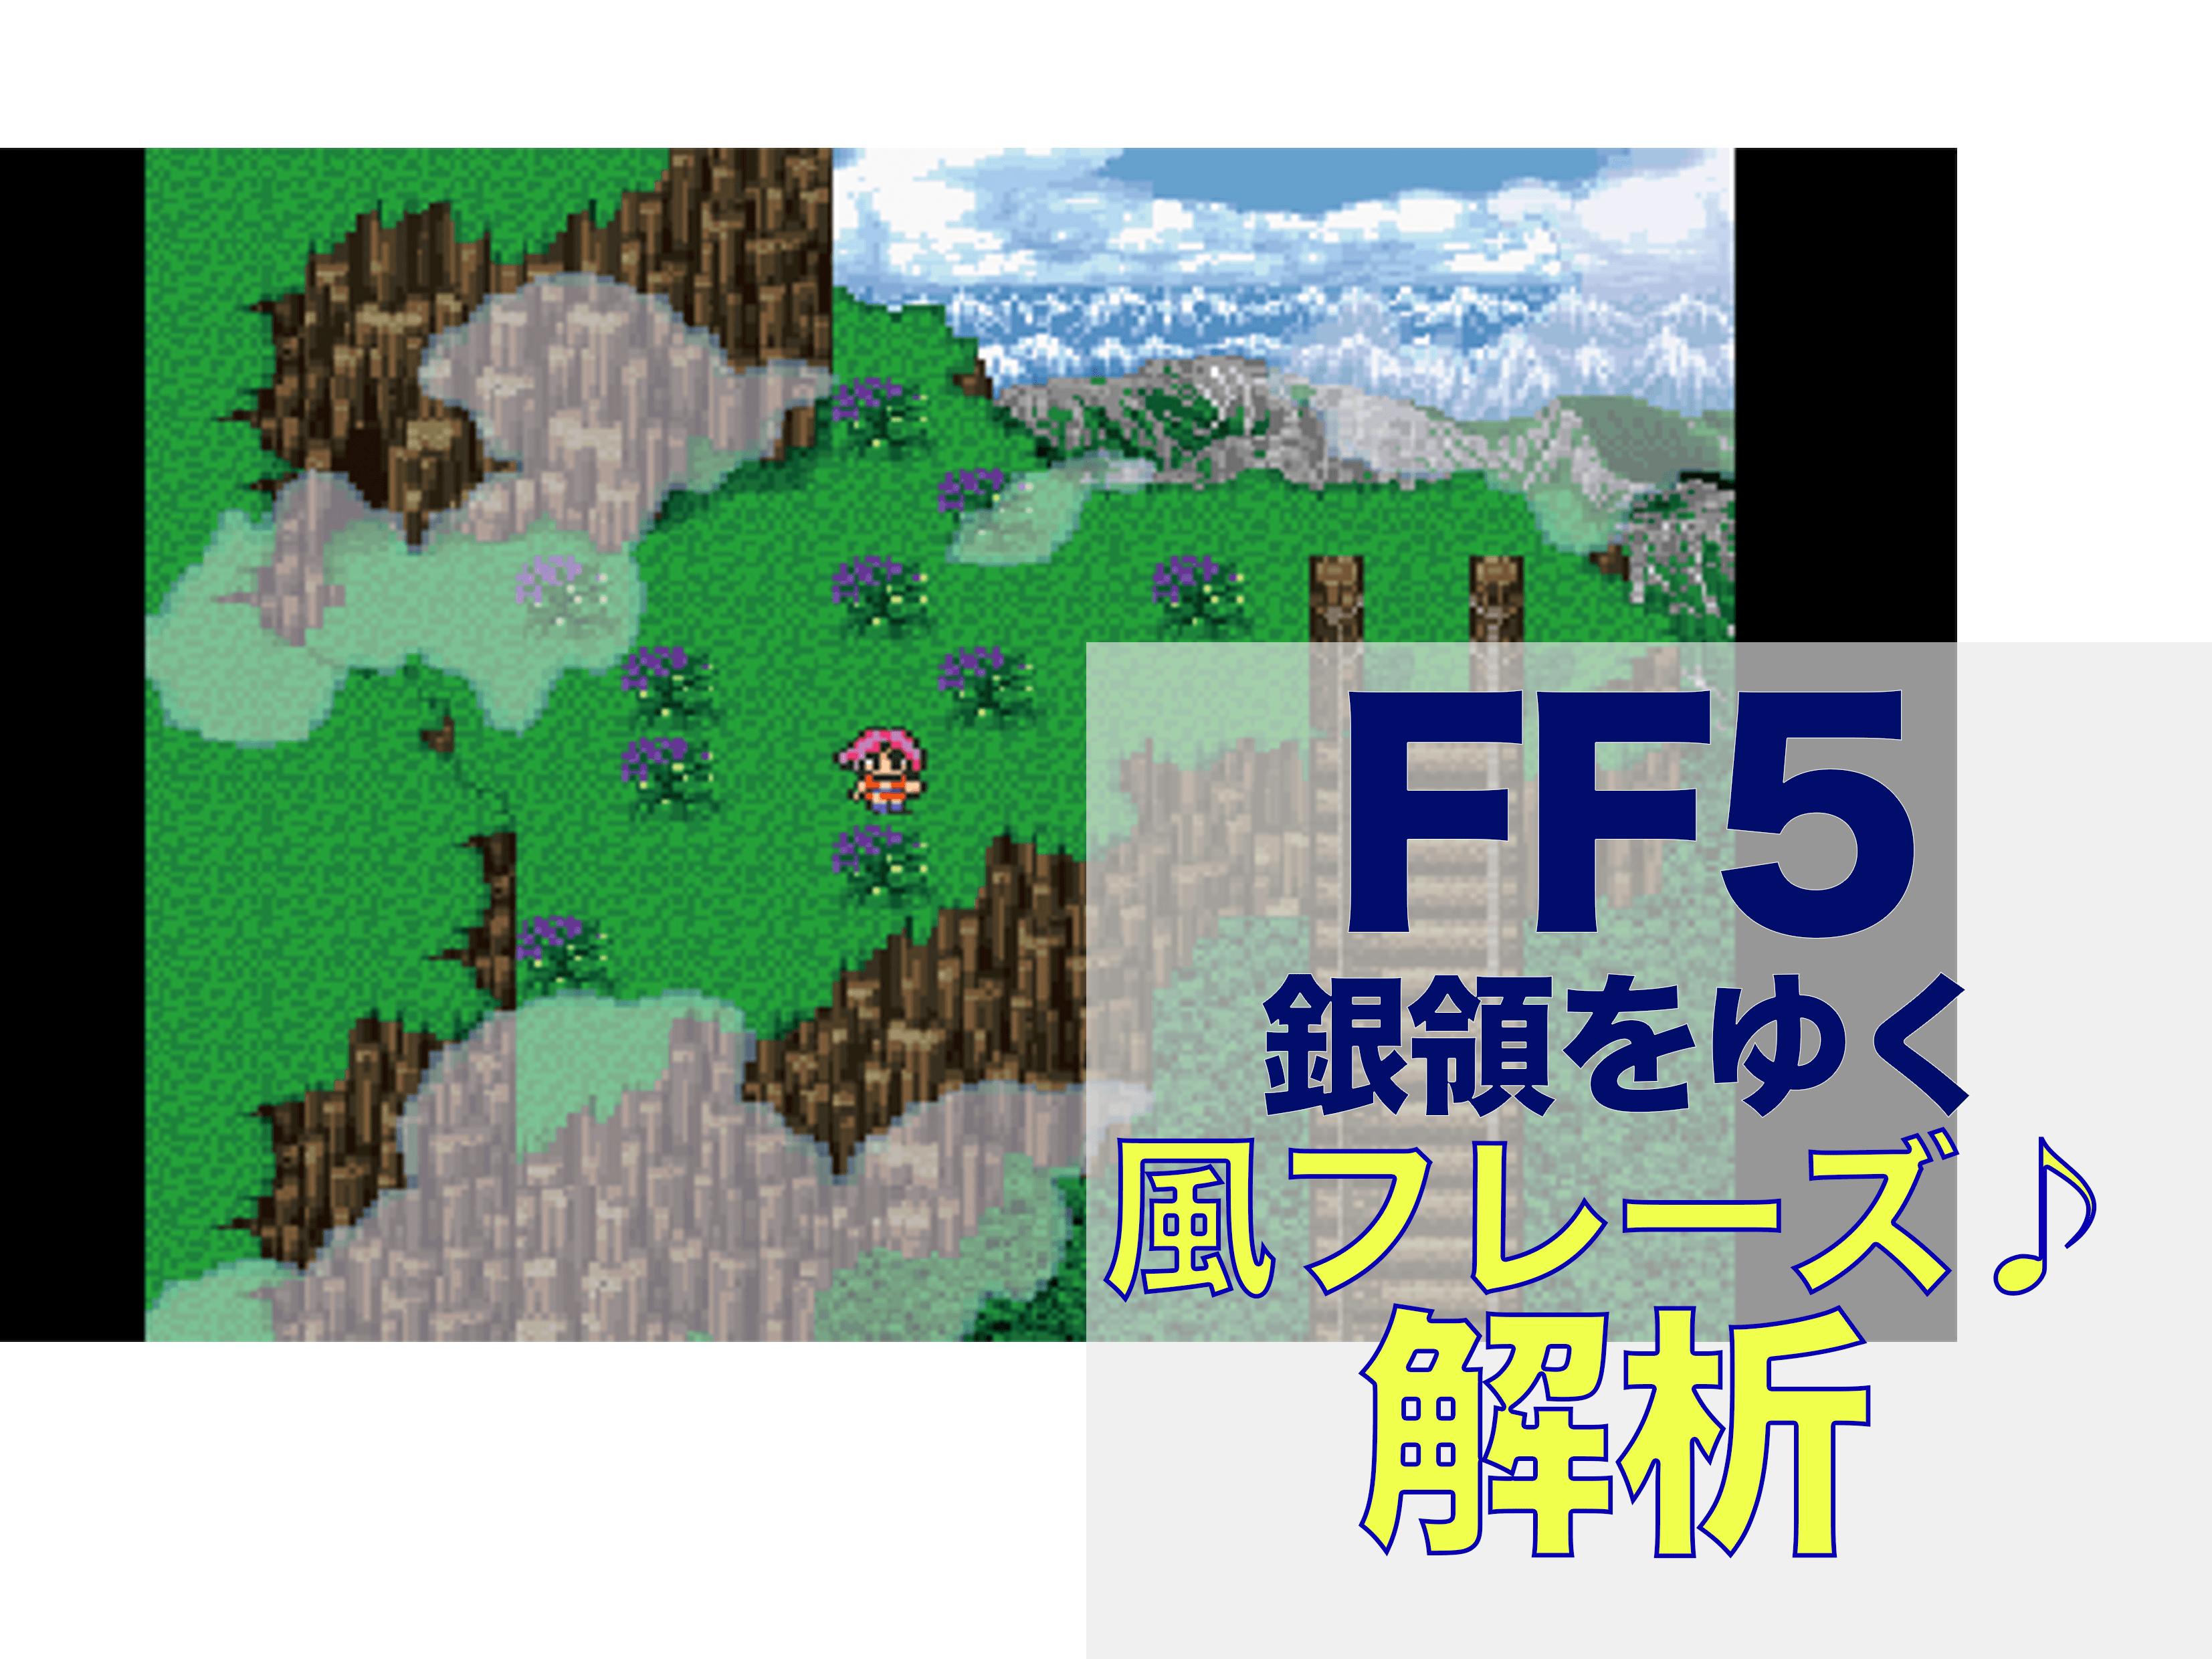 FF5/ファイナルファンタジー5/銀領をゆく/山/bgm/ピアノ